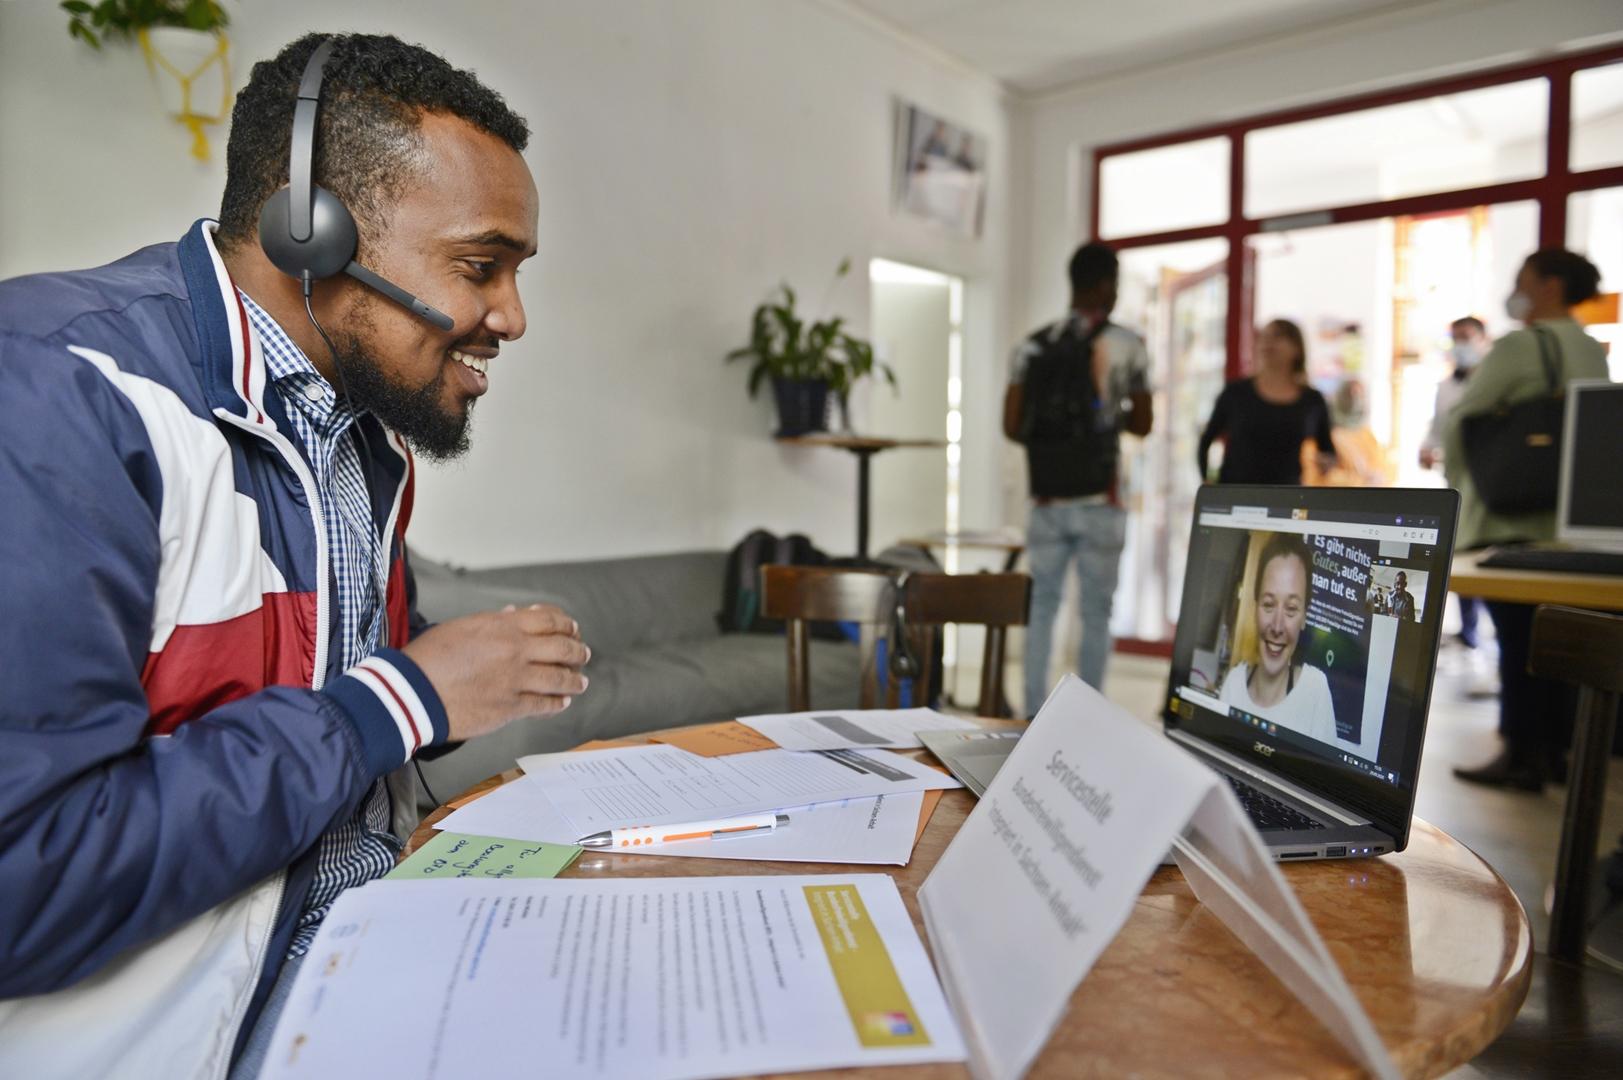 Ab 15.10.2021: Online-Schulungen für Organisationen zur Freiwilligendienstberatung von Menschen mit Migrationserfahrung